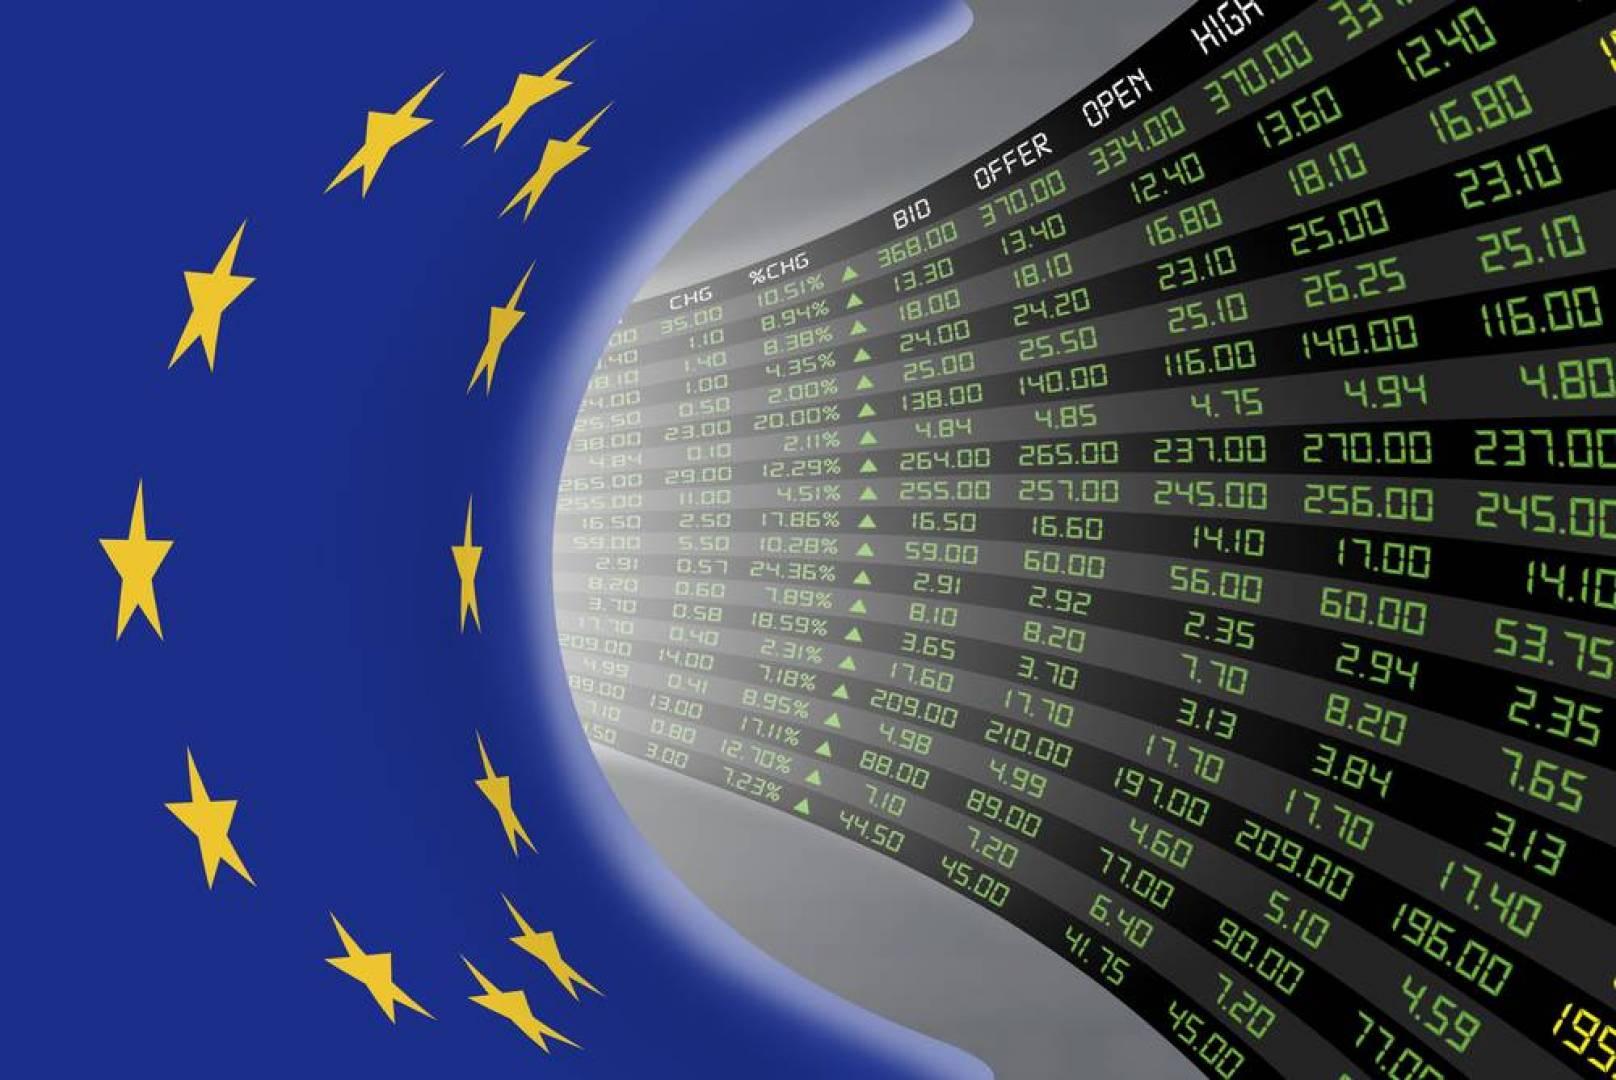 أسهم أوروبا ترتفع.. ومكاسب قوية لسهم وايركارد